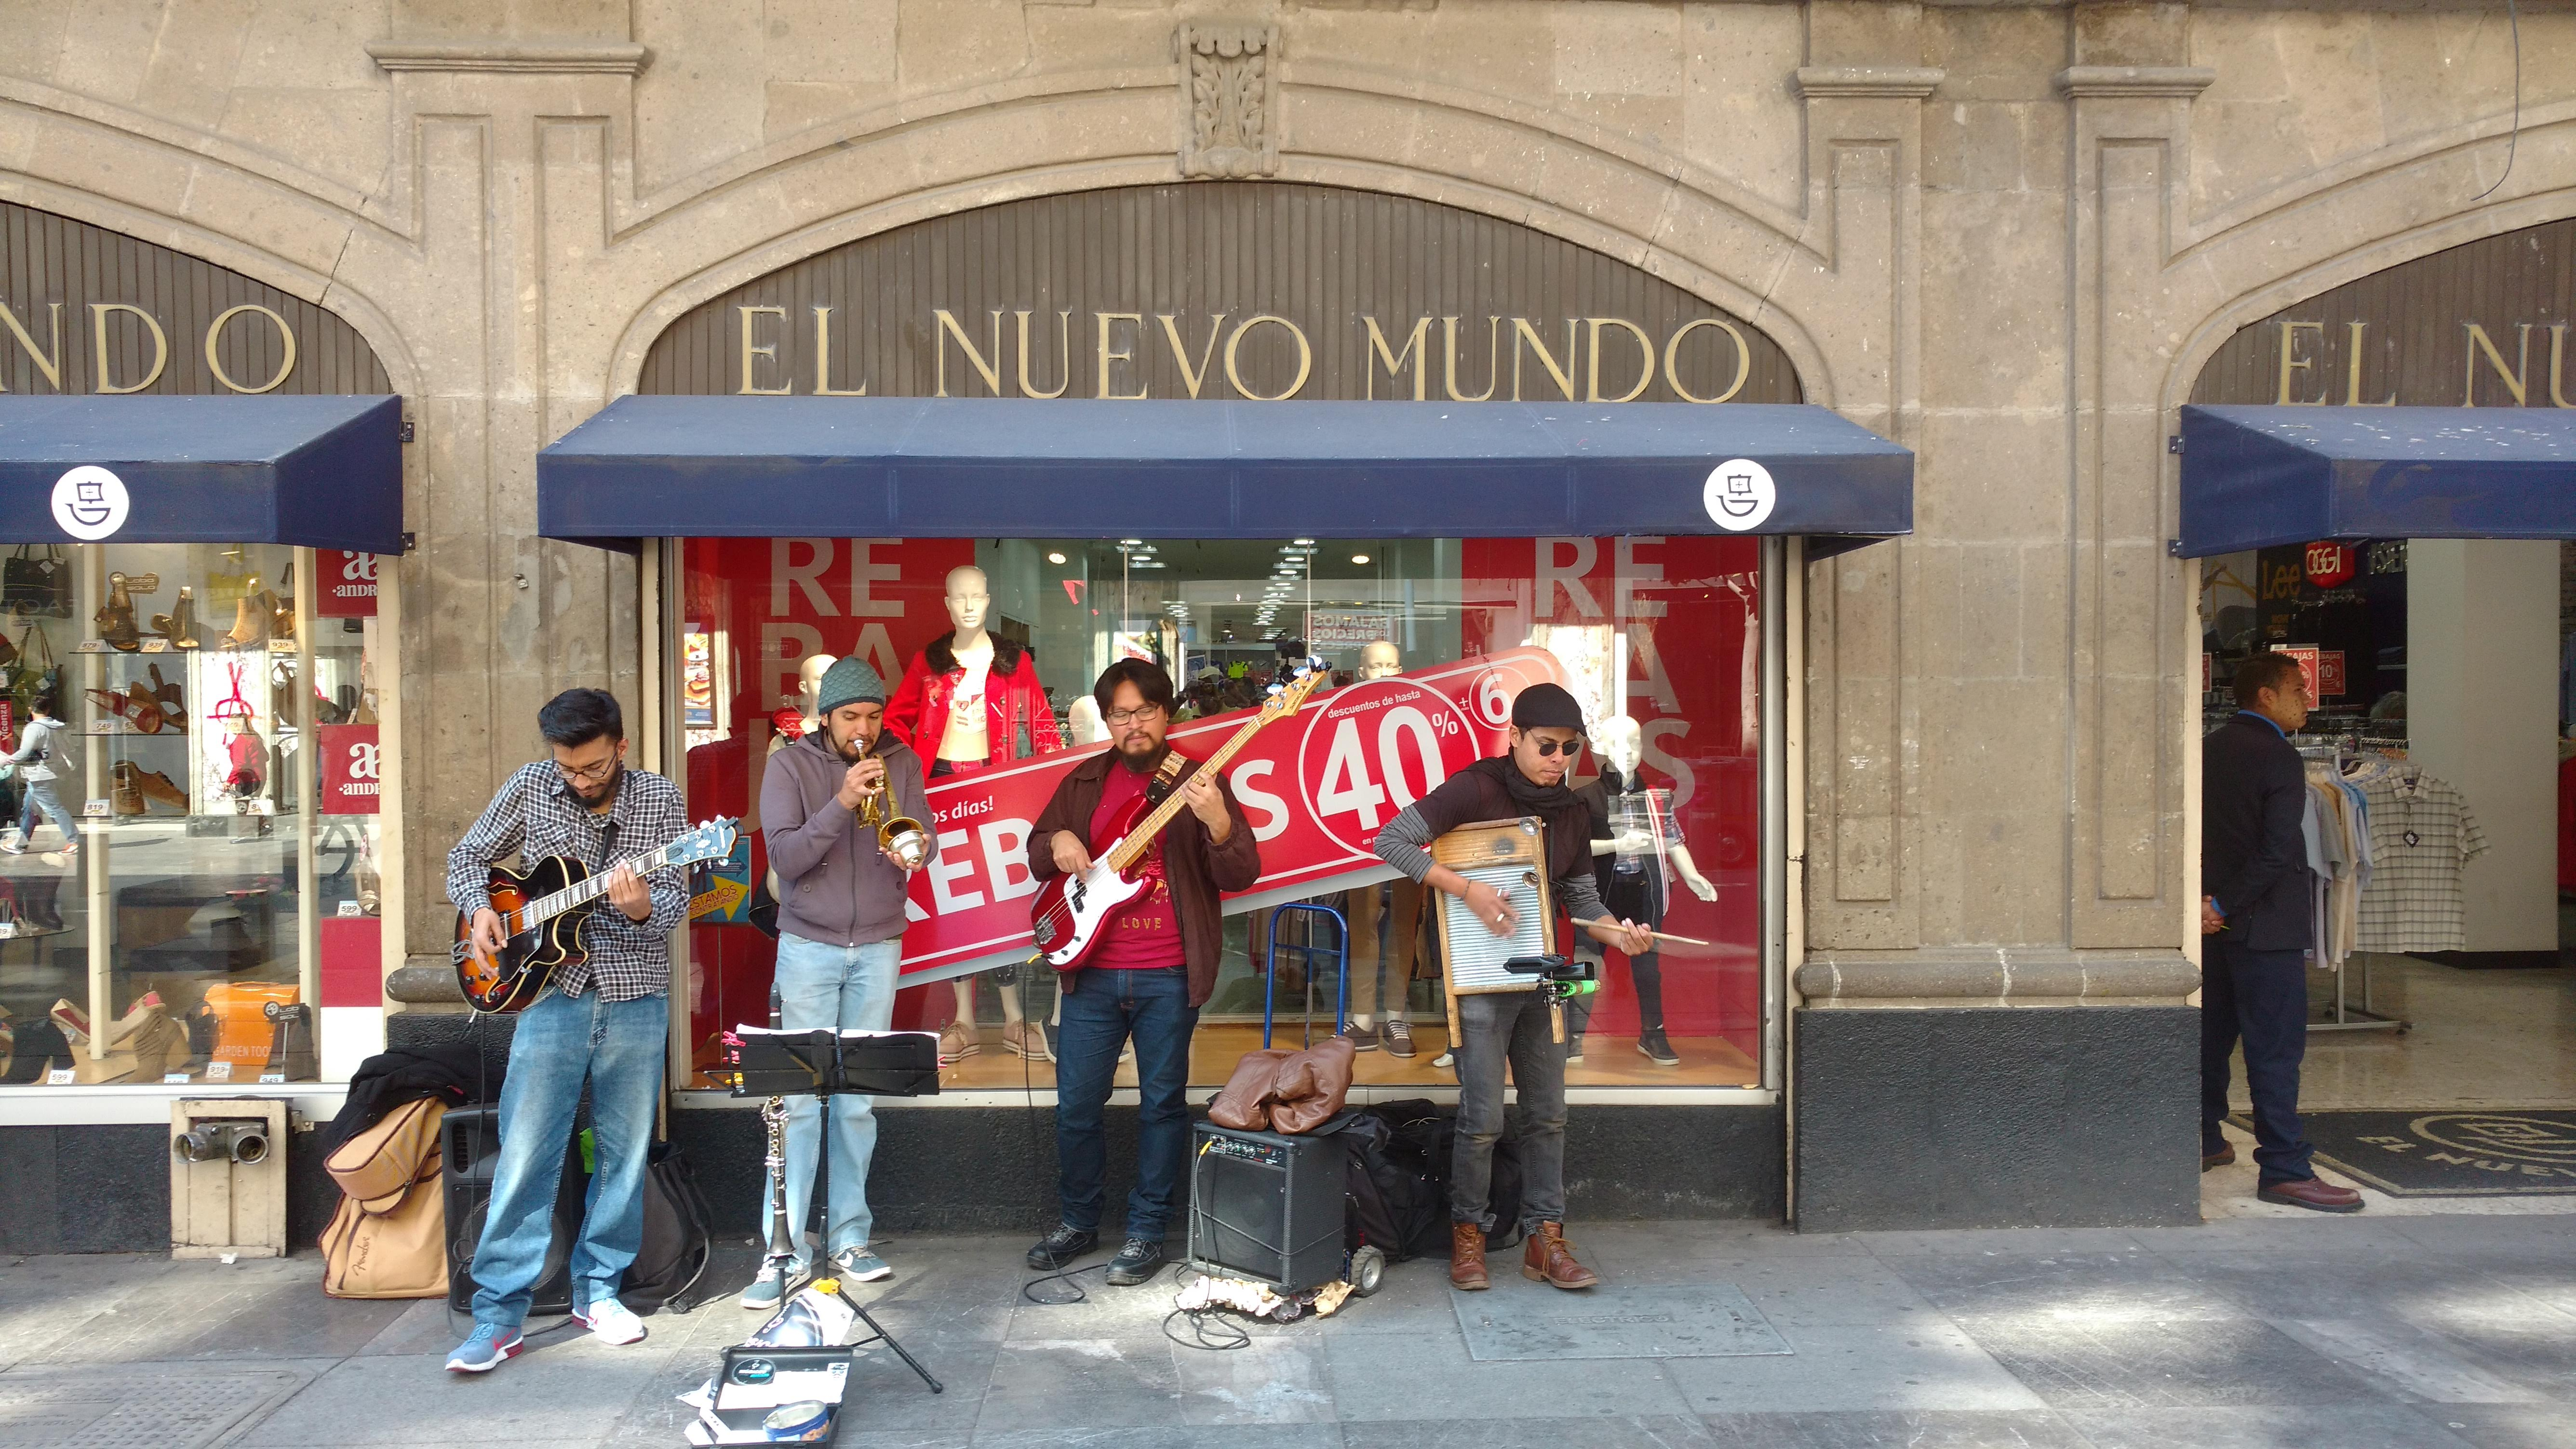 Street Band at El Nuevo Mundo